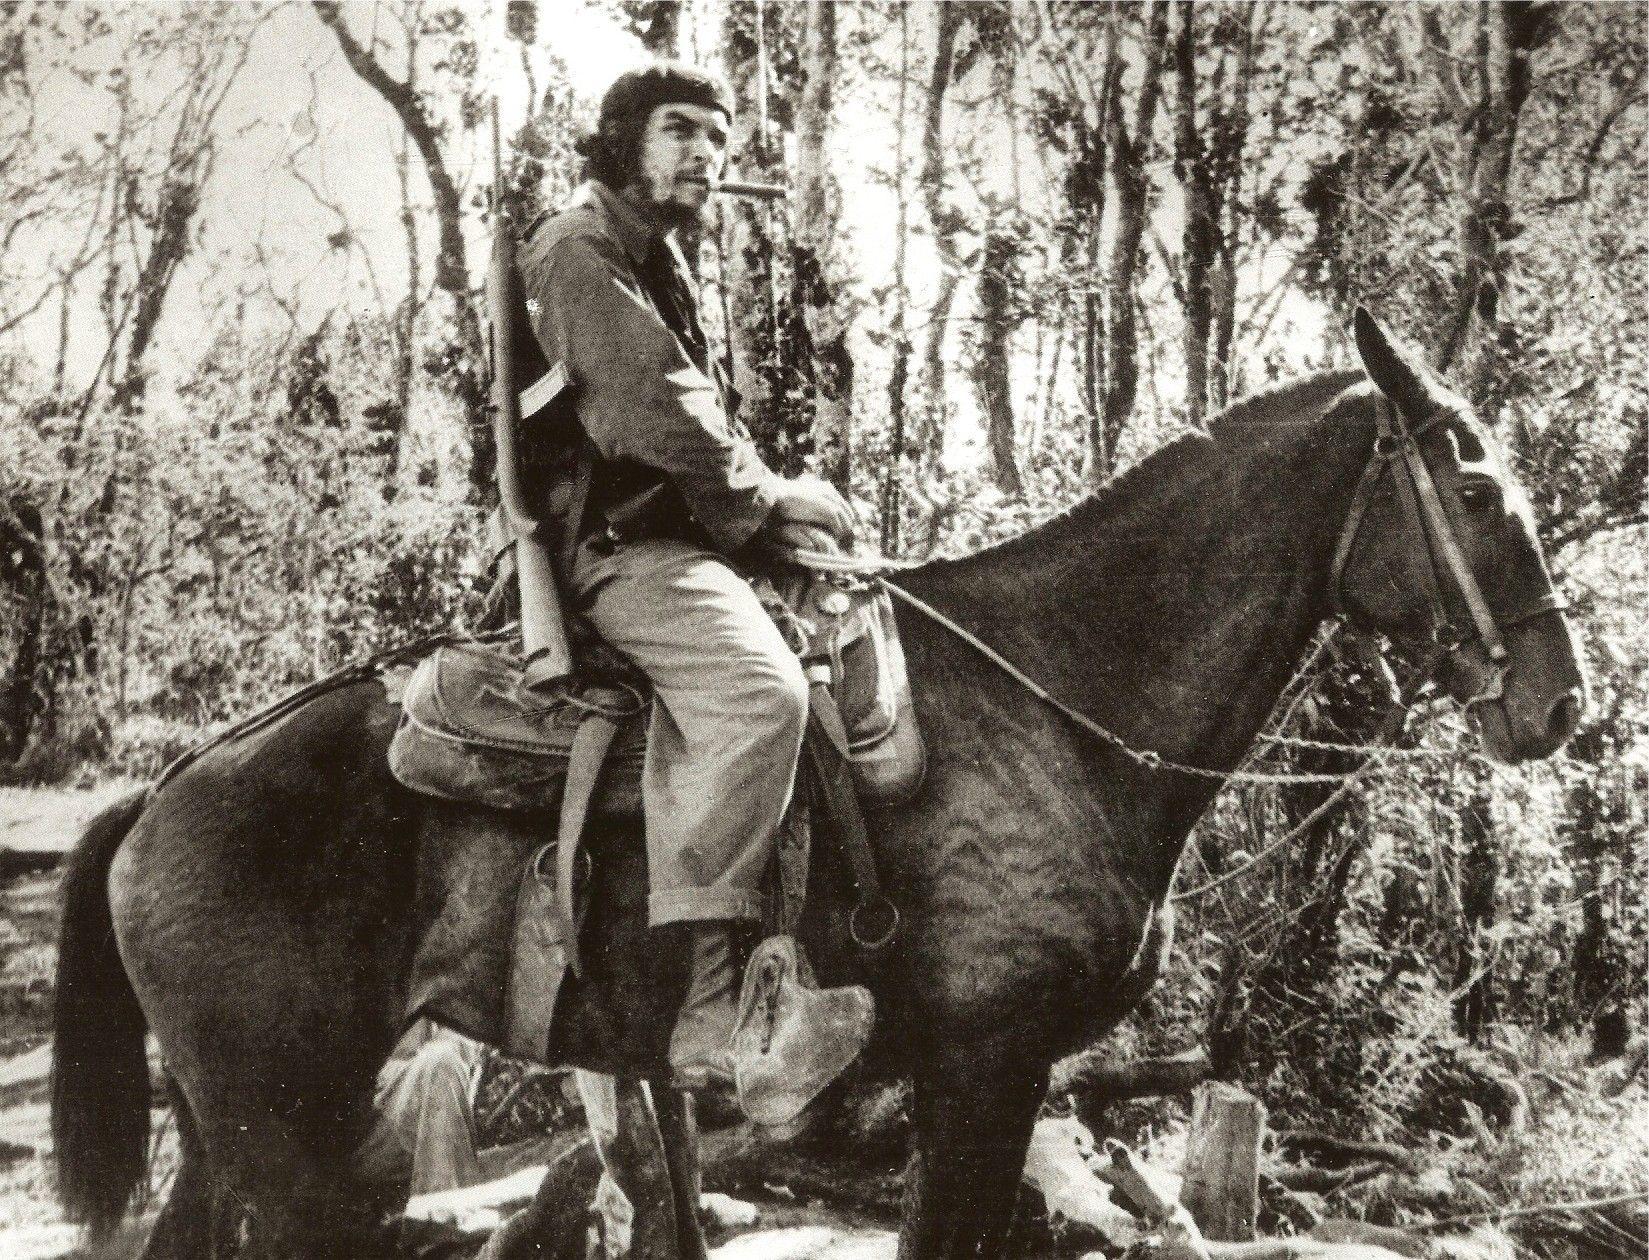 Pak přišel pokus rozpoutat komunistickou revoluci v jihoamerické Bolívii. Slavný revolucionář se snažil vypadat nenápadně, cestoval pod falešnou identitou a před cestou se prý oholil, ostříhal a nabarvil si vlasy našedo.